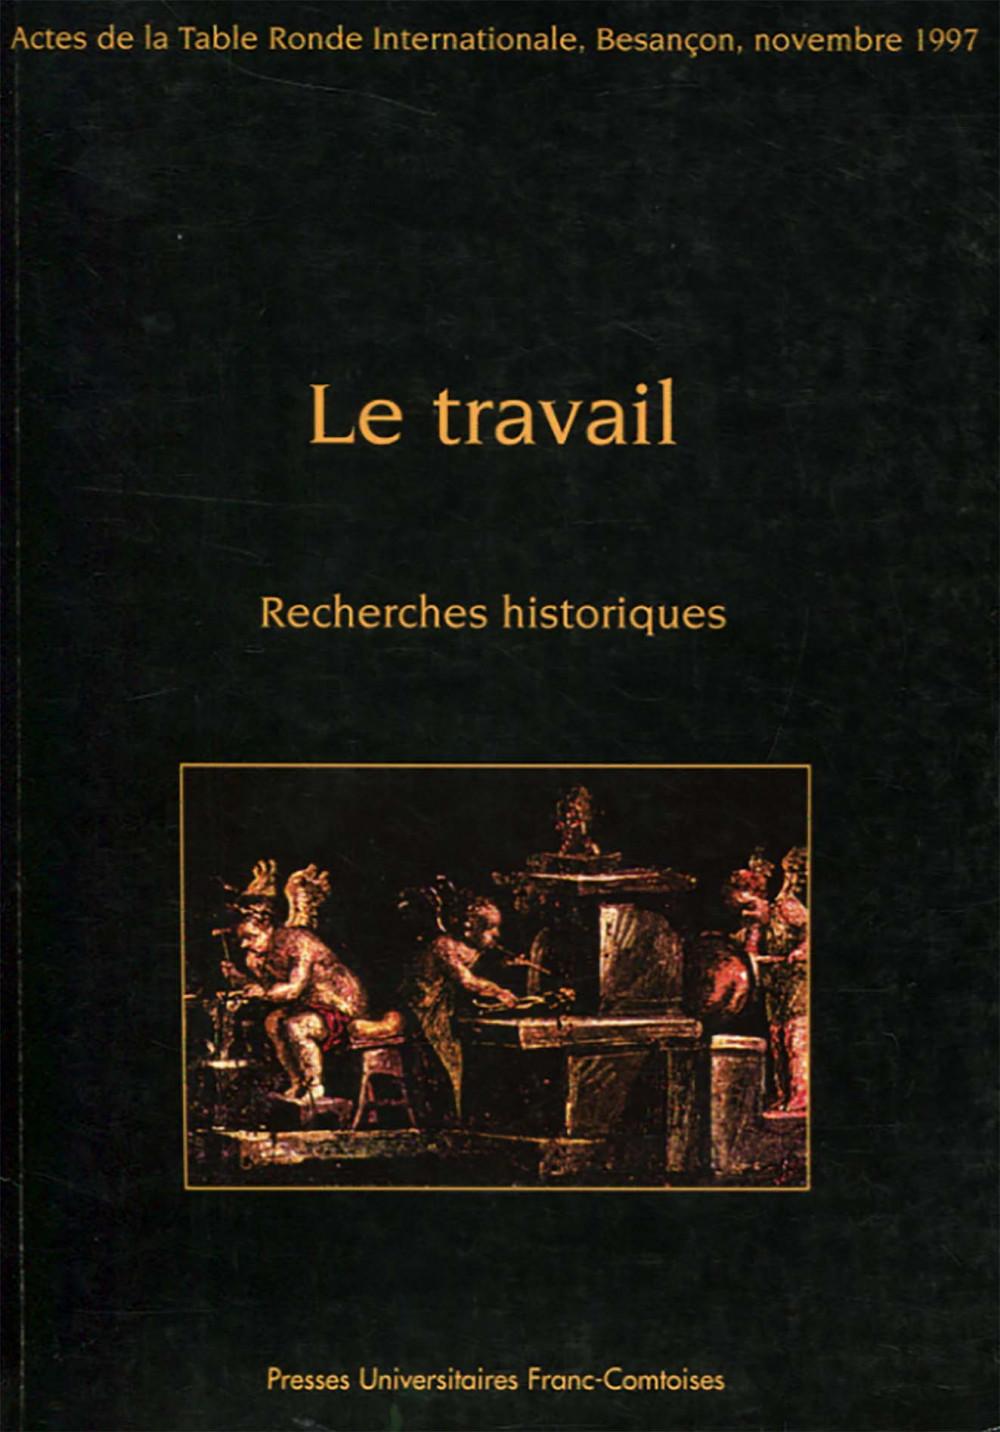 Le travail - Recherches historiques. Actes Colloque Besançon 1997